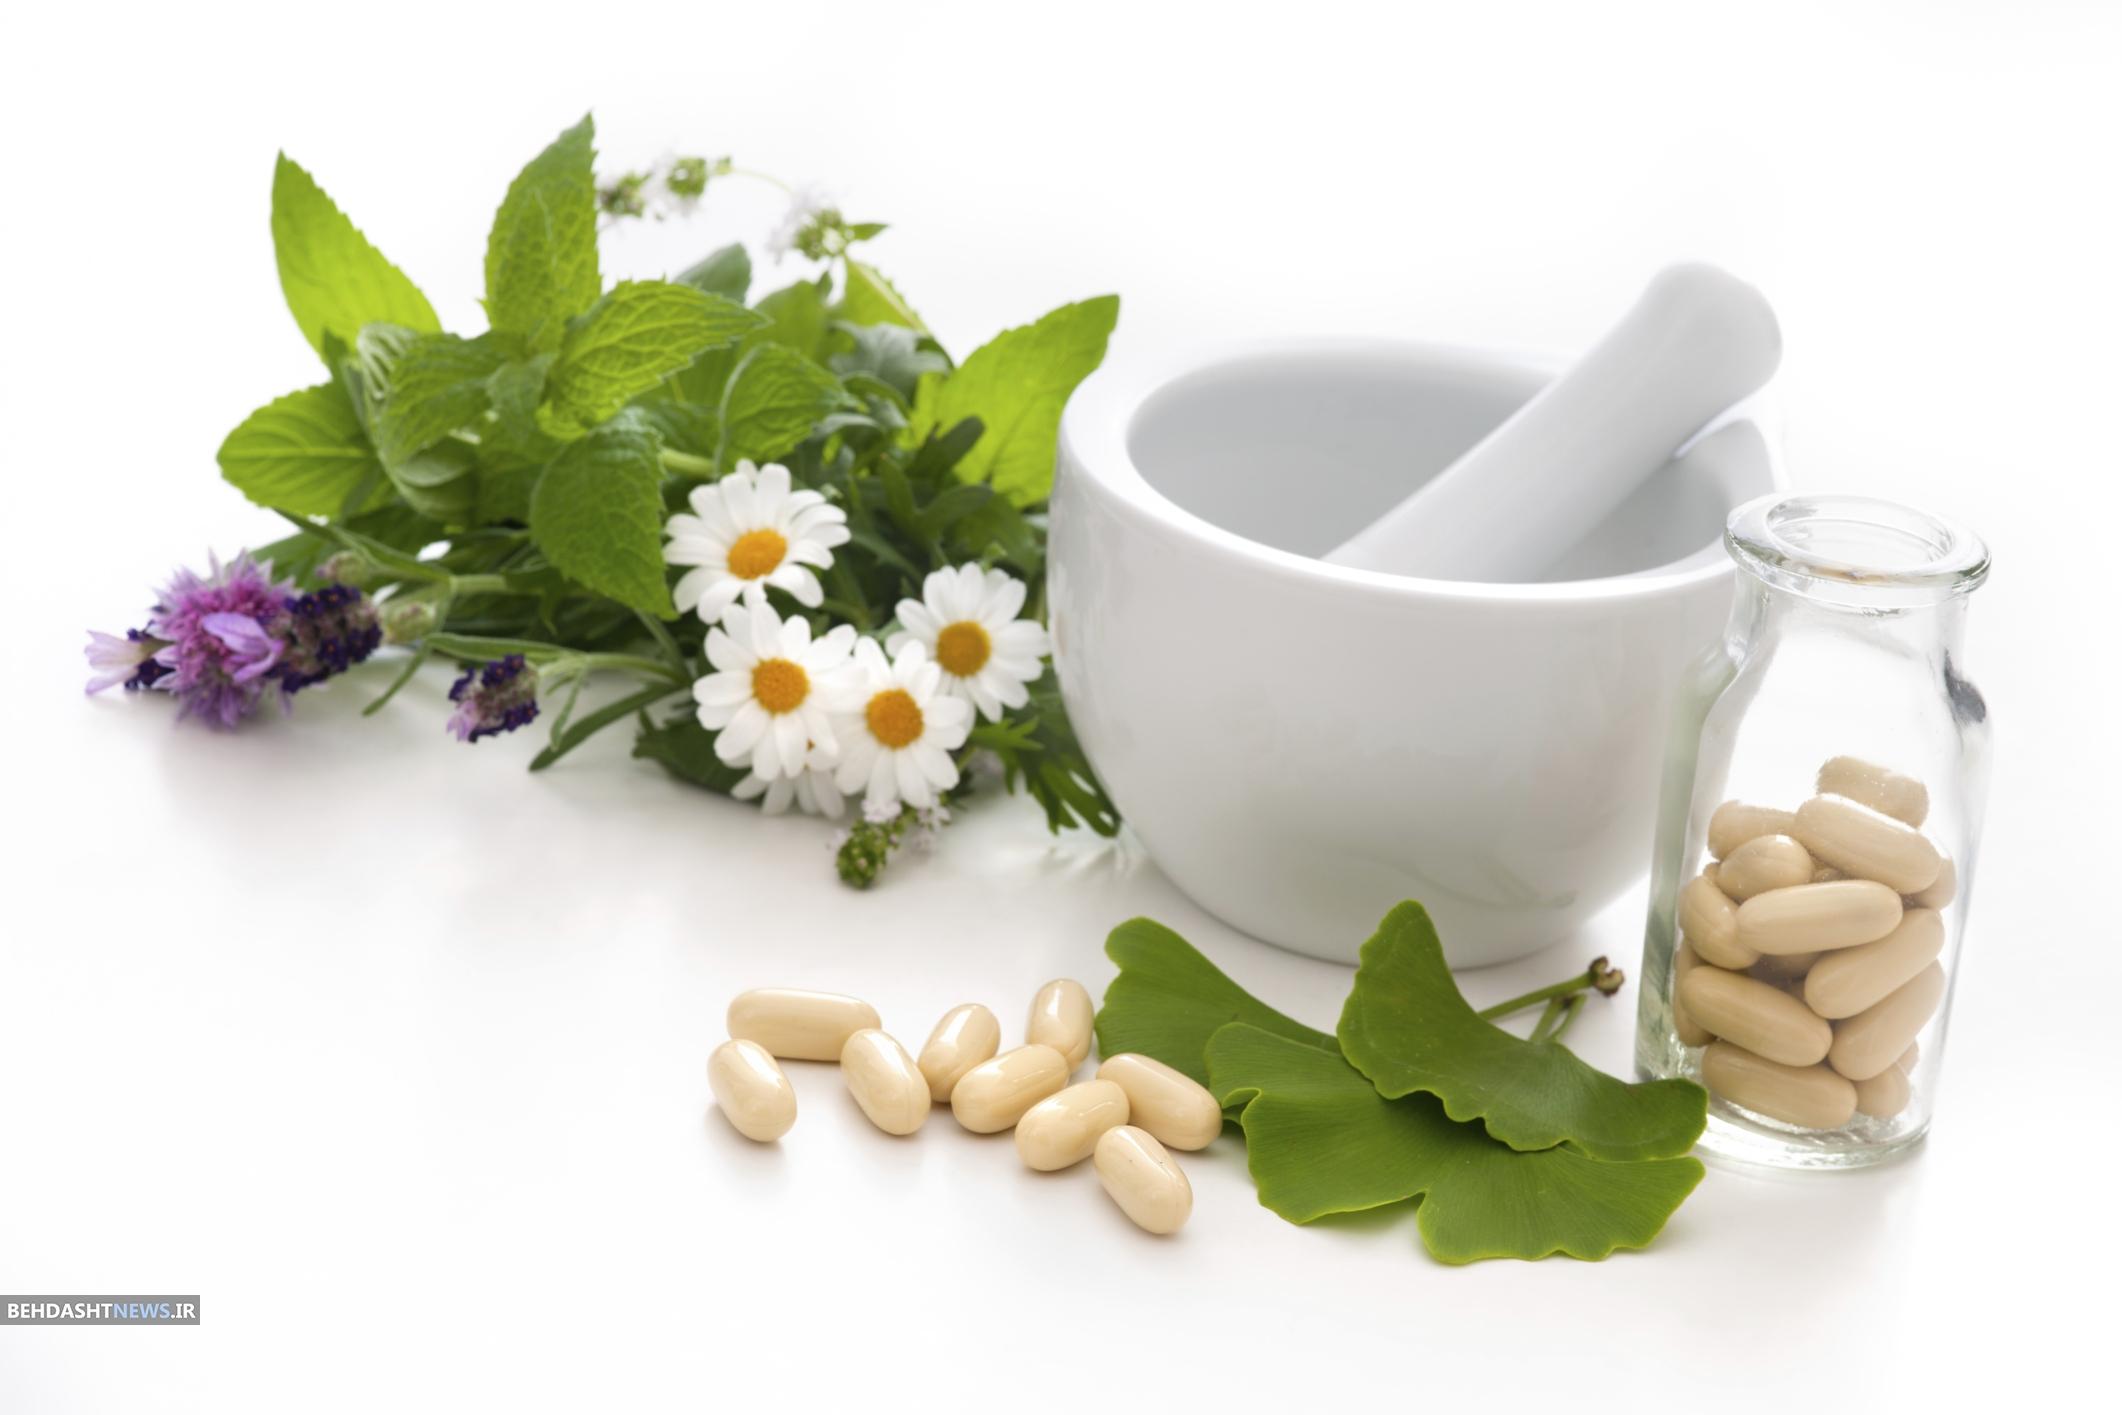 داروی گیاهی باید از داروخانه تهیه شود